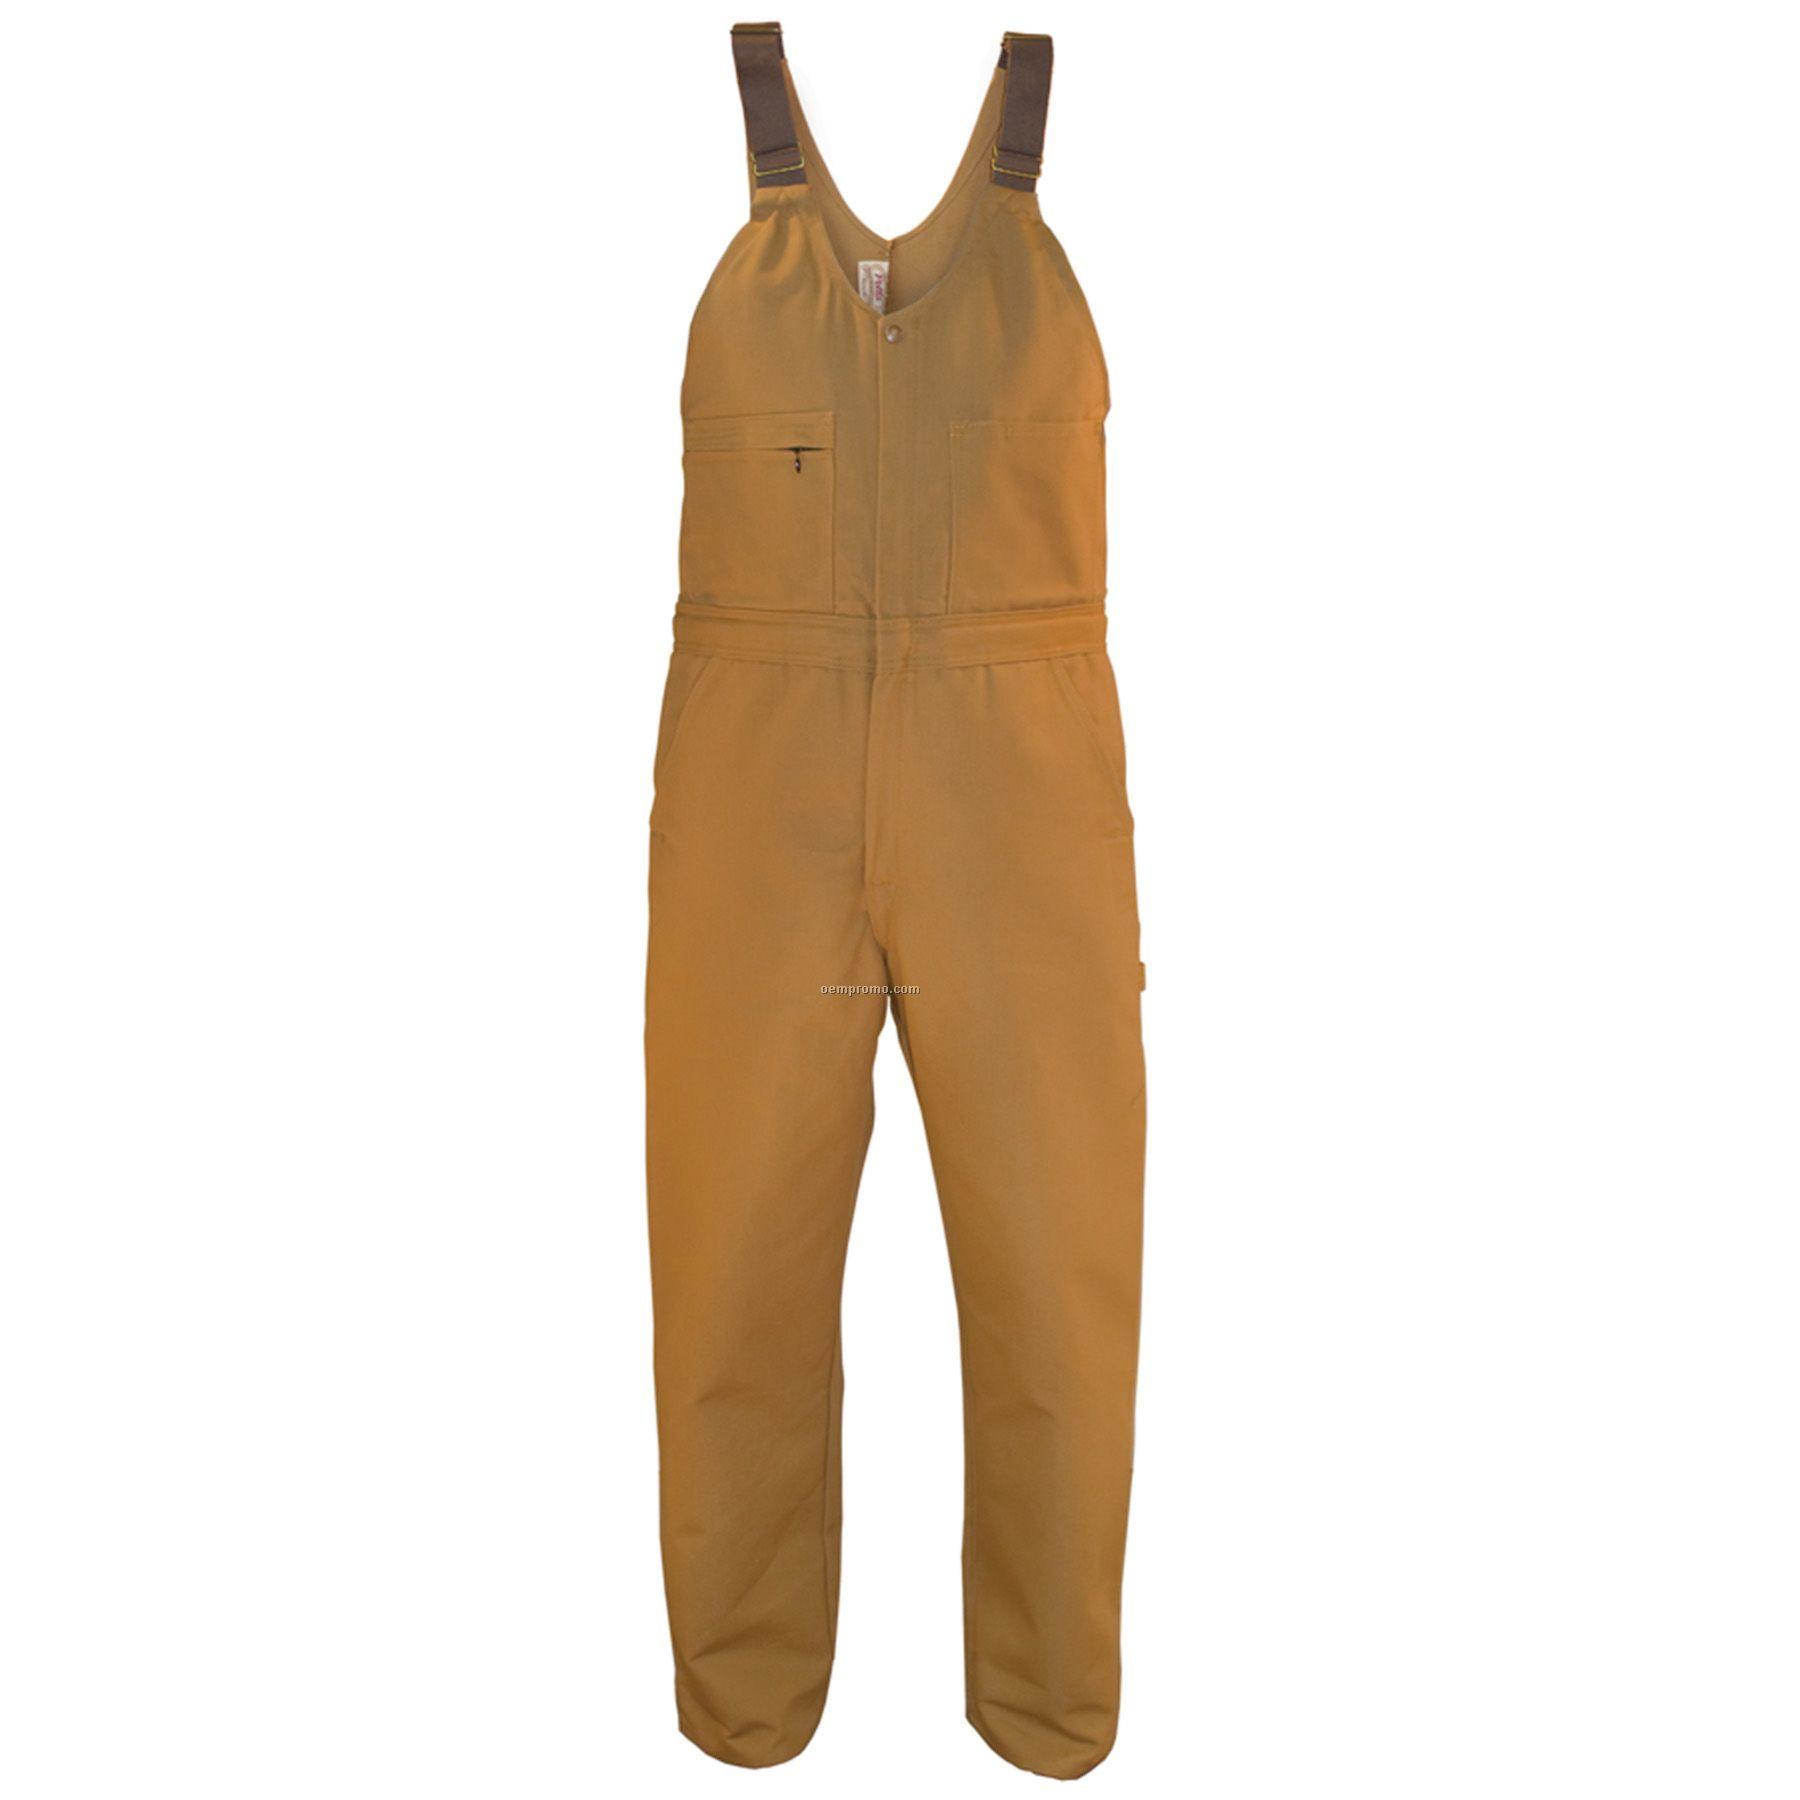 """12 Oz. Brown Duck Unlined Zip Front Bib Overall - 44""""X46"""" Waist"""